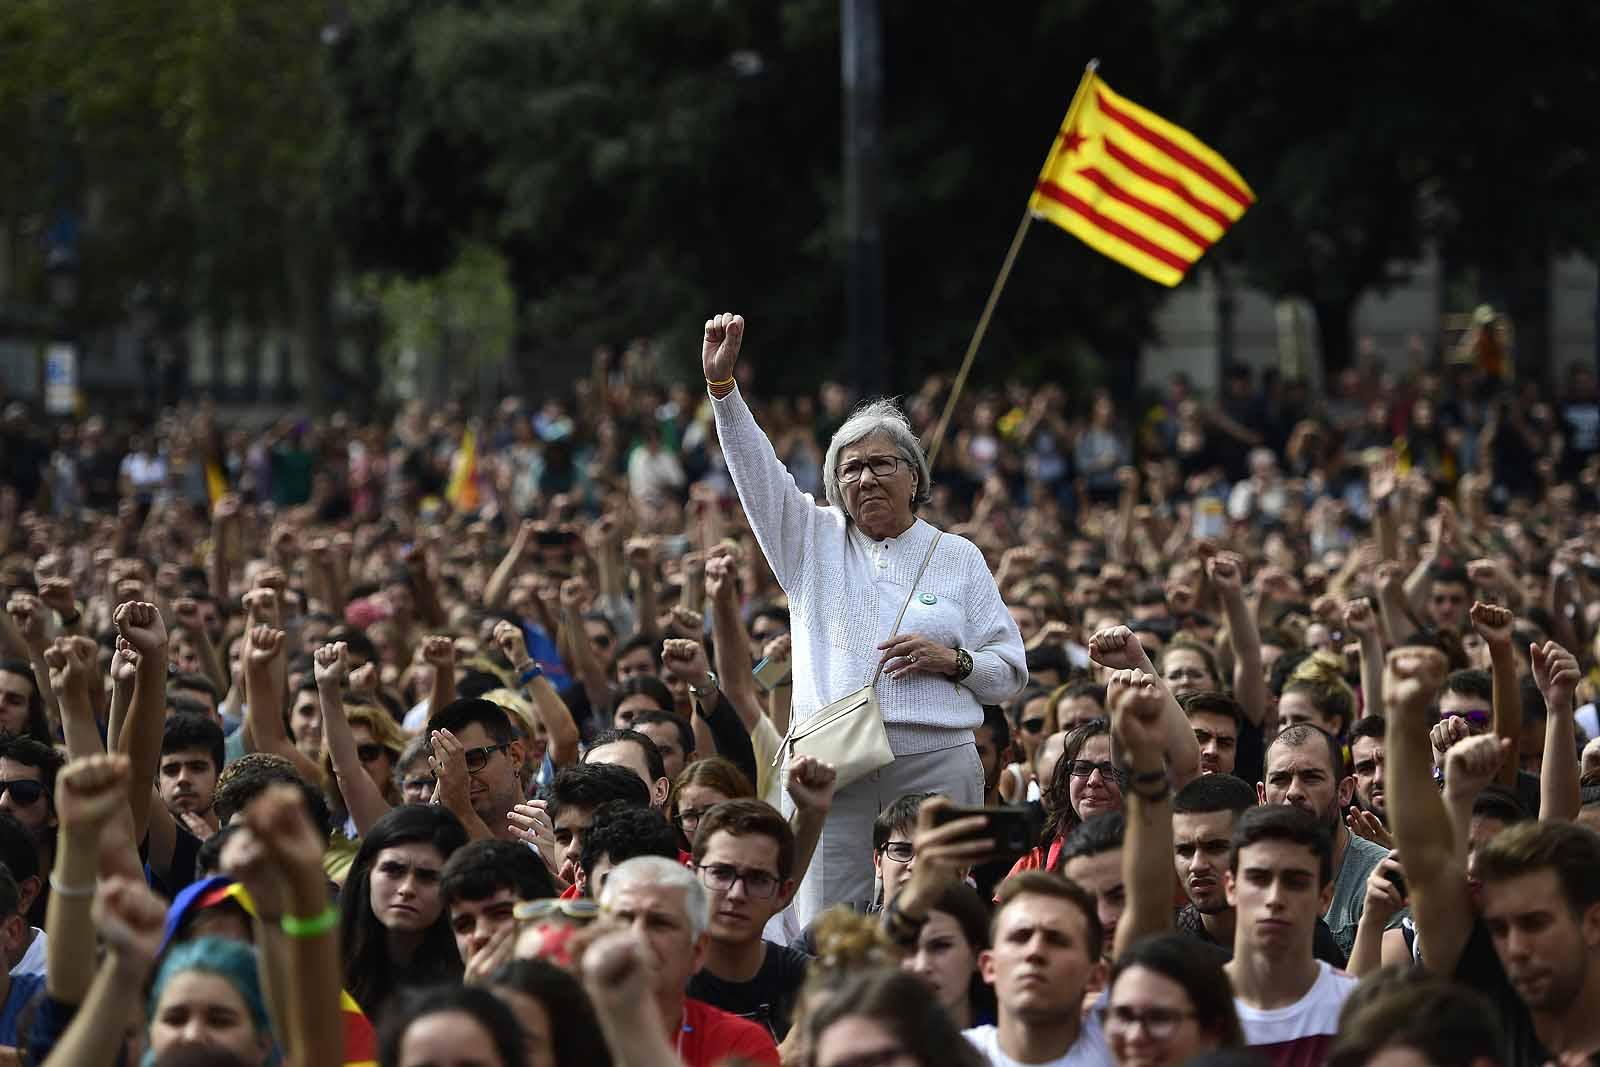 Lejárt a katalánoknak adott spanyol ultimátum